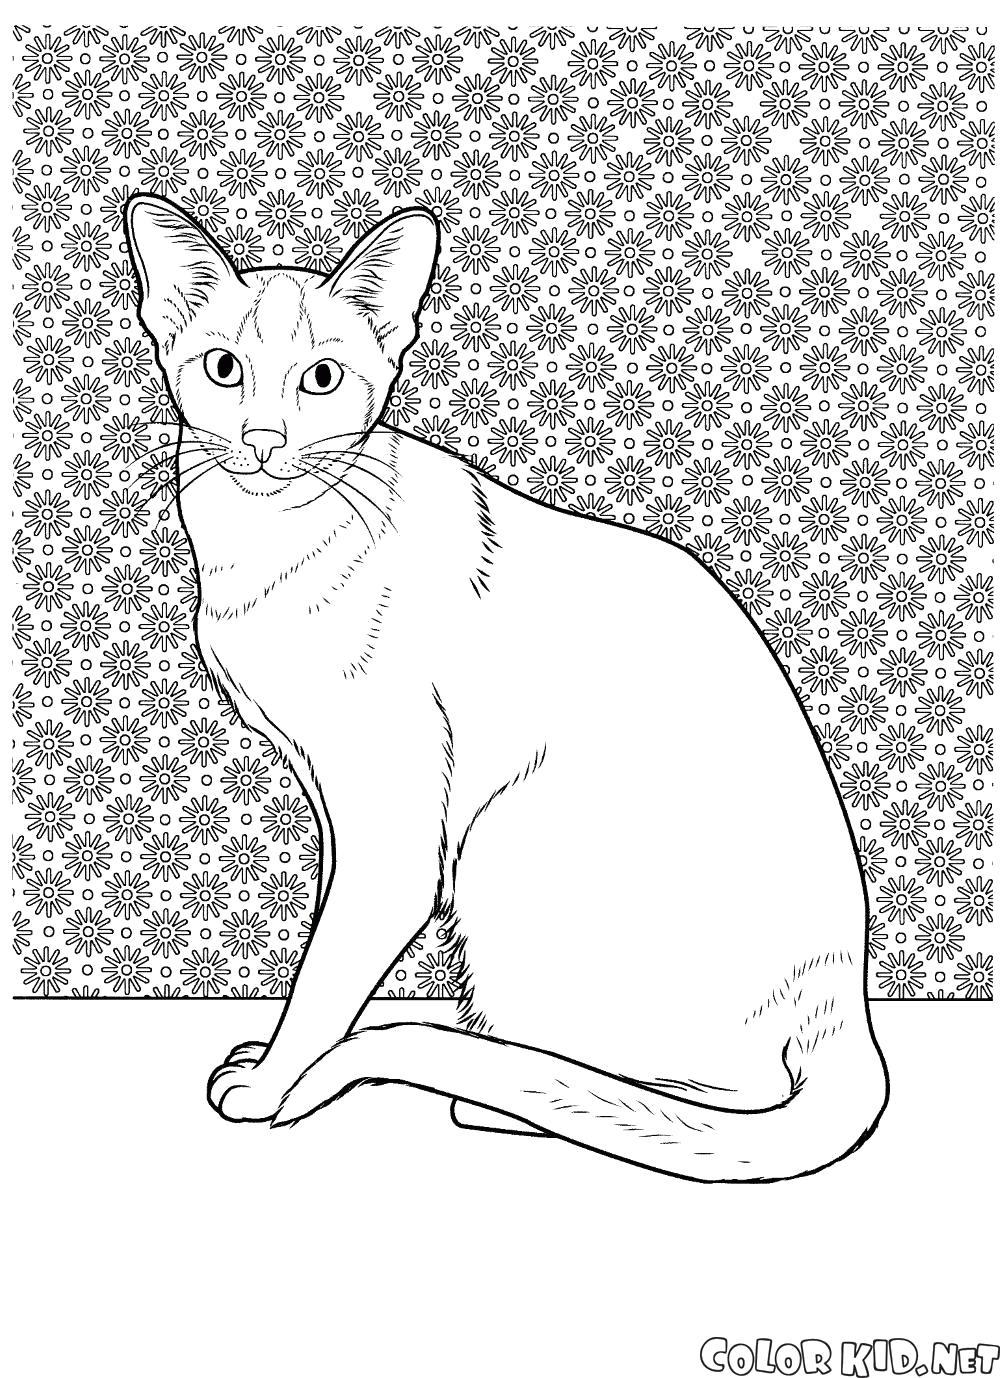 Раскраска Сиамская порода кошки. Скачать кошка.  Распечатать кошка